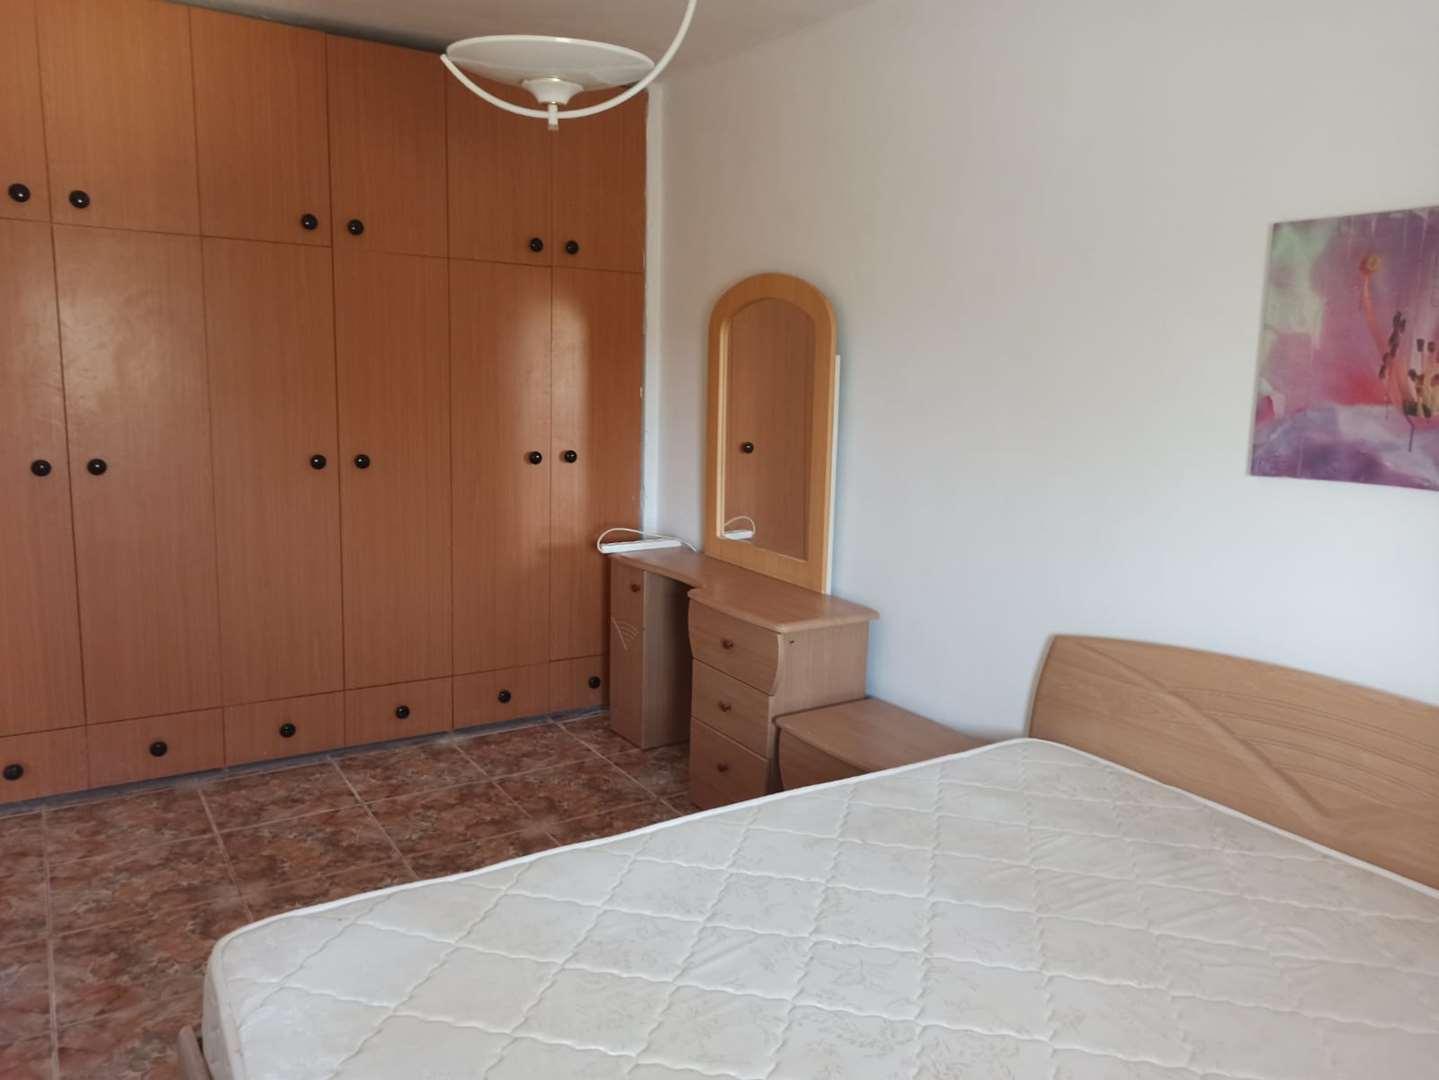 דירה להשכרה 3 חדרים בערד יהודה לבאות